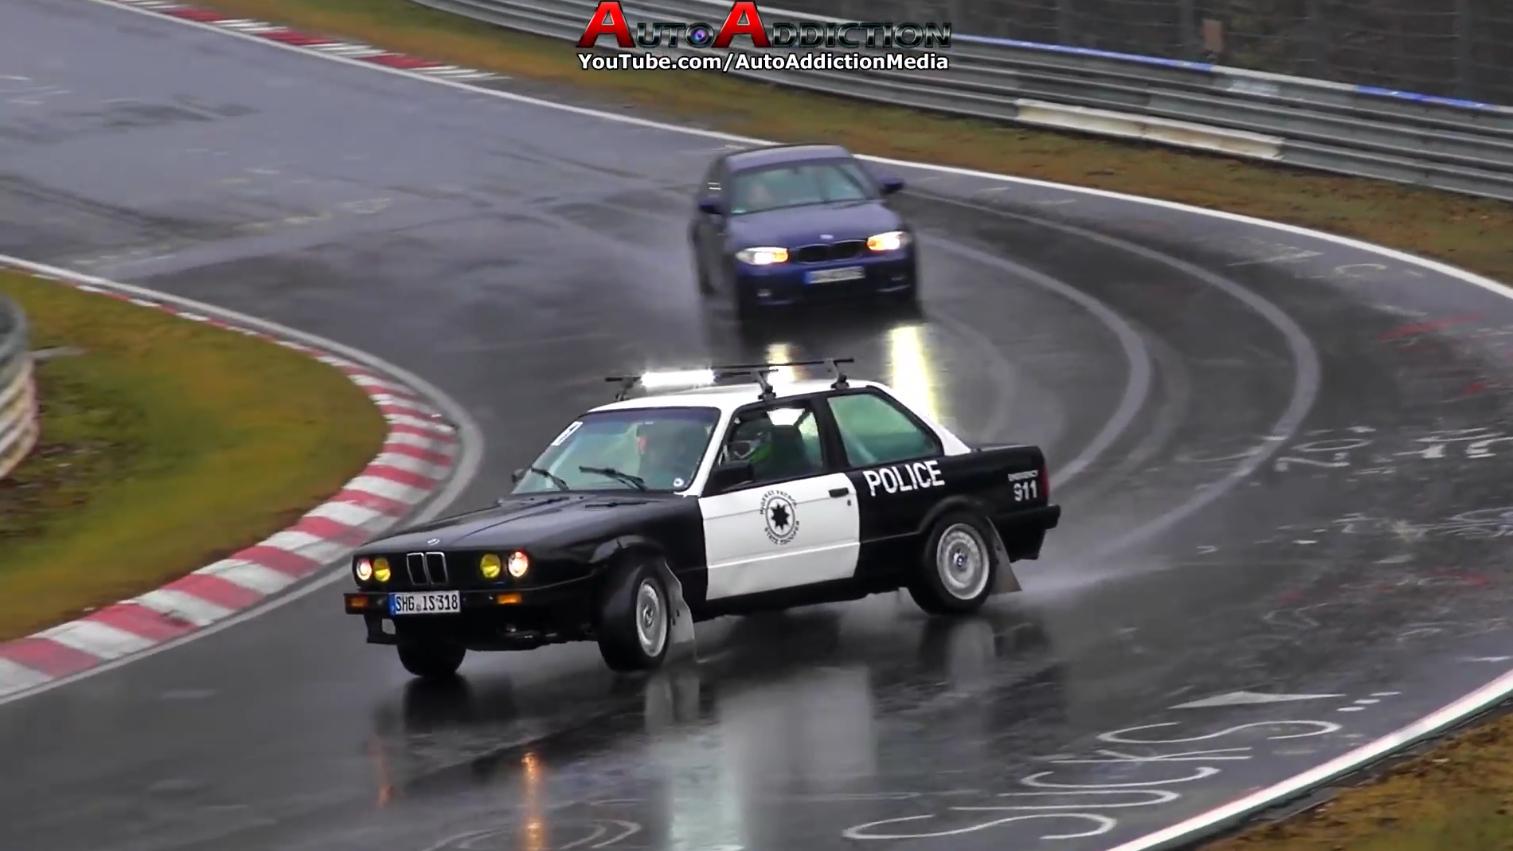 纽博格林北赛道的那些神操与失误,警车飘移问你怕不怕